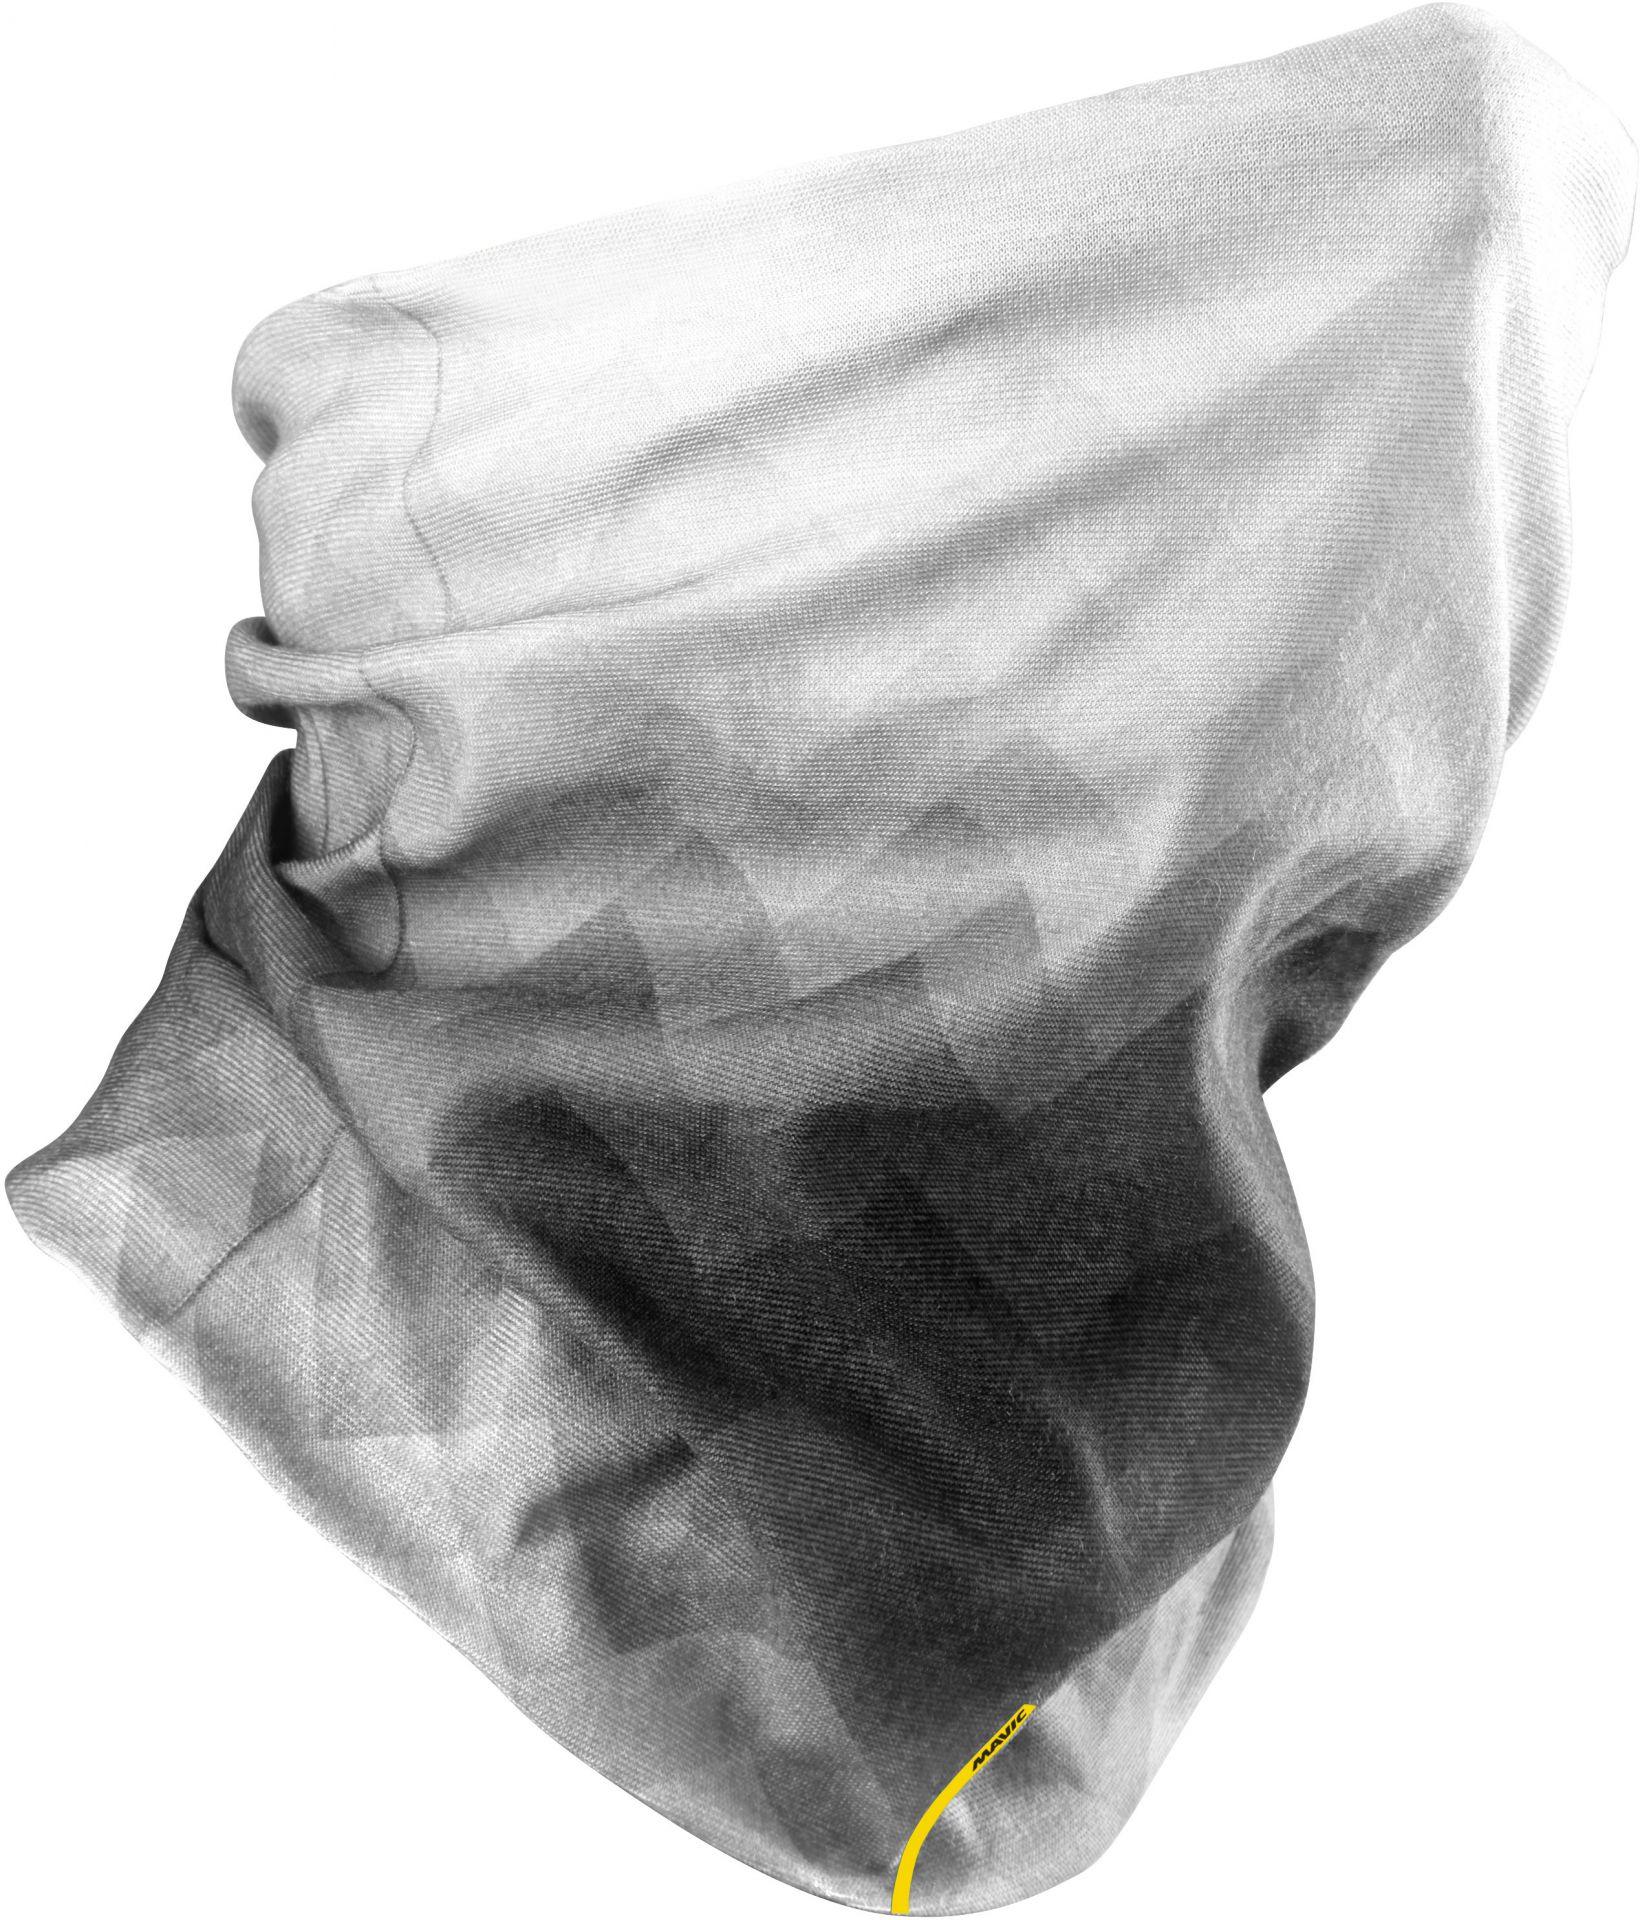 Tour de cou Mavic Cosmic Graphic Blanc/Noir